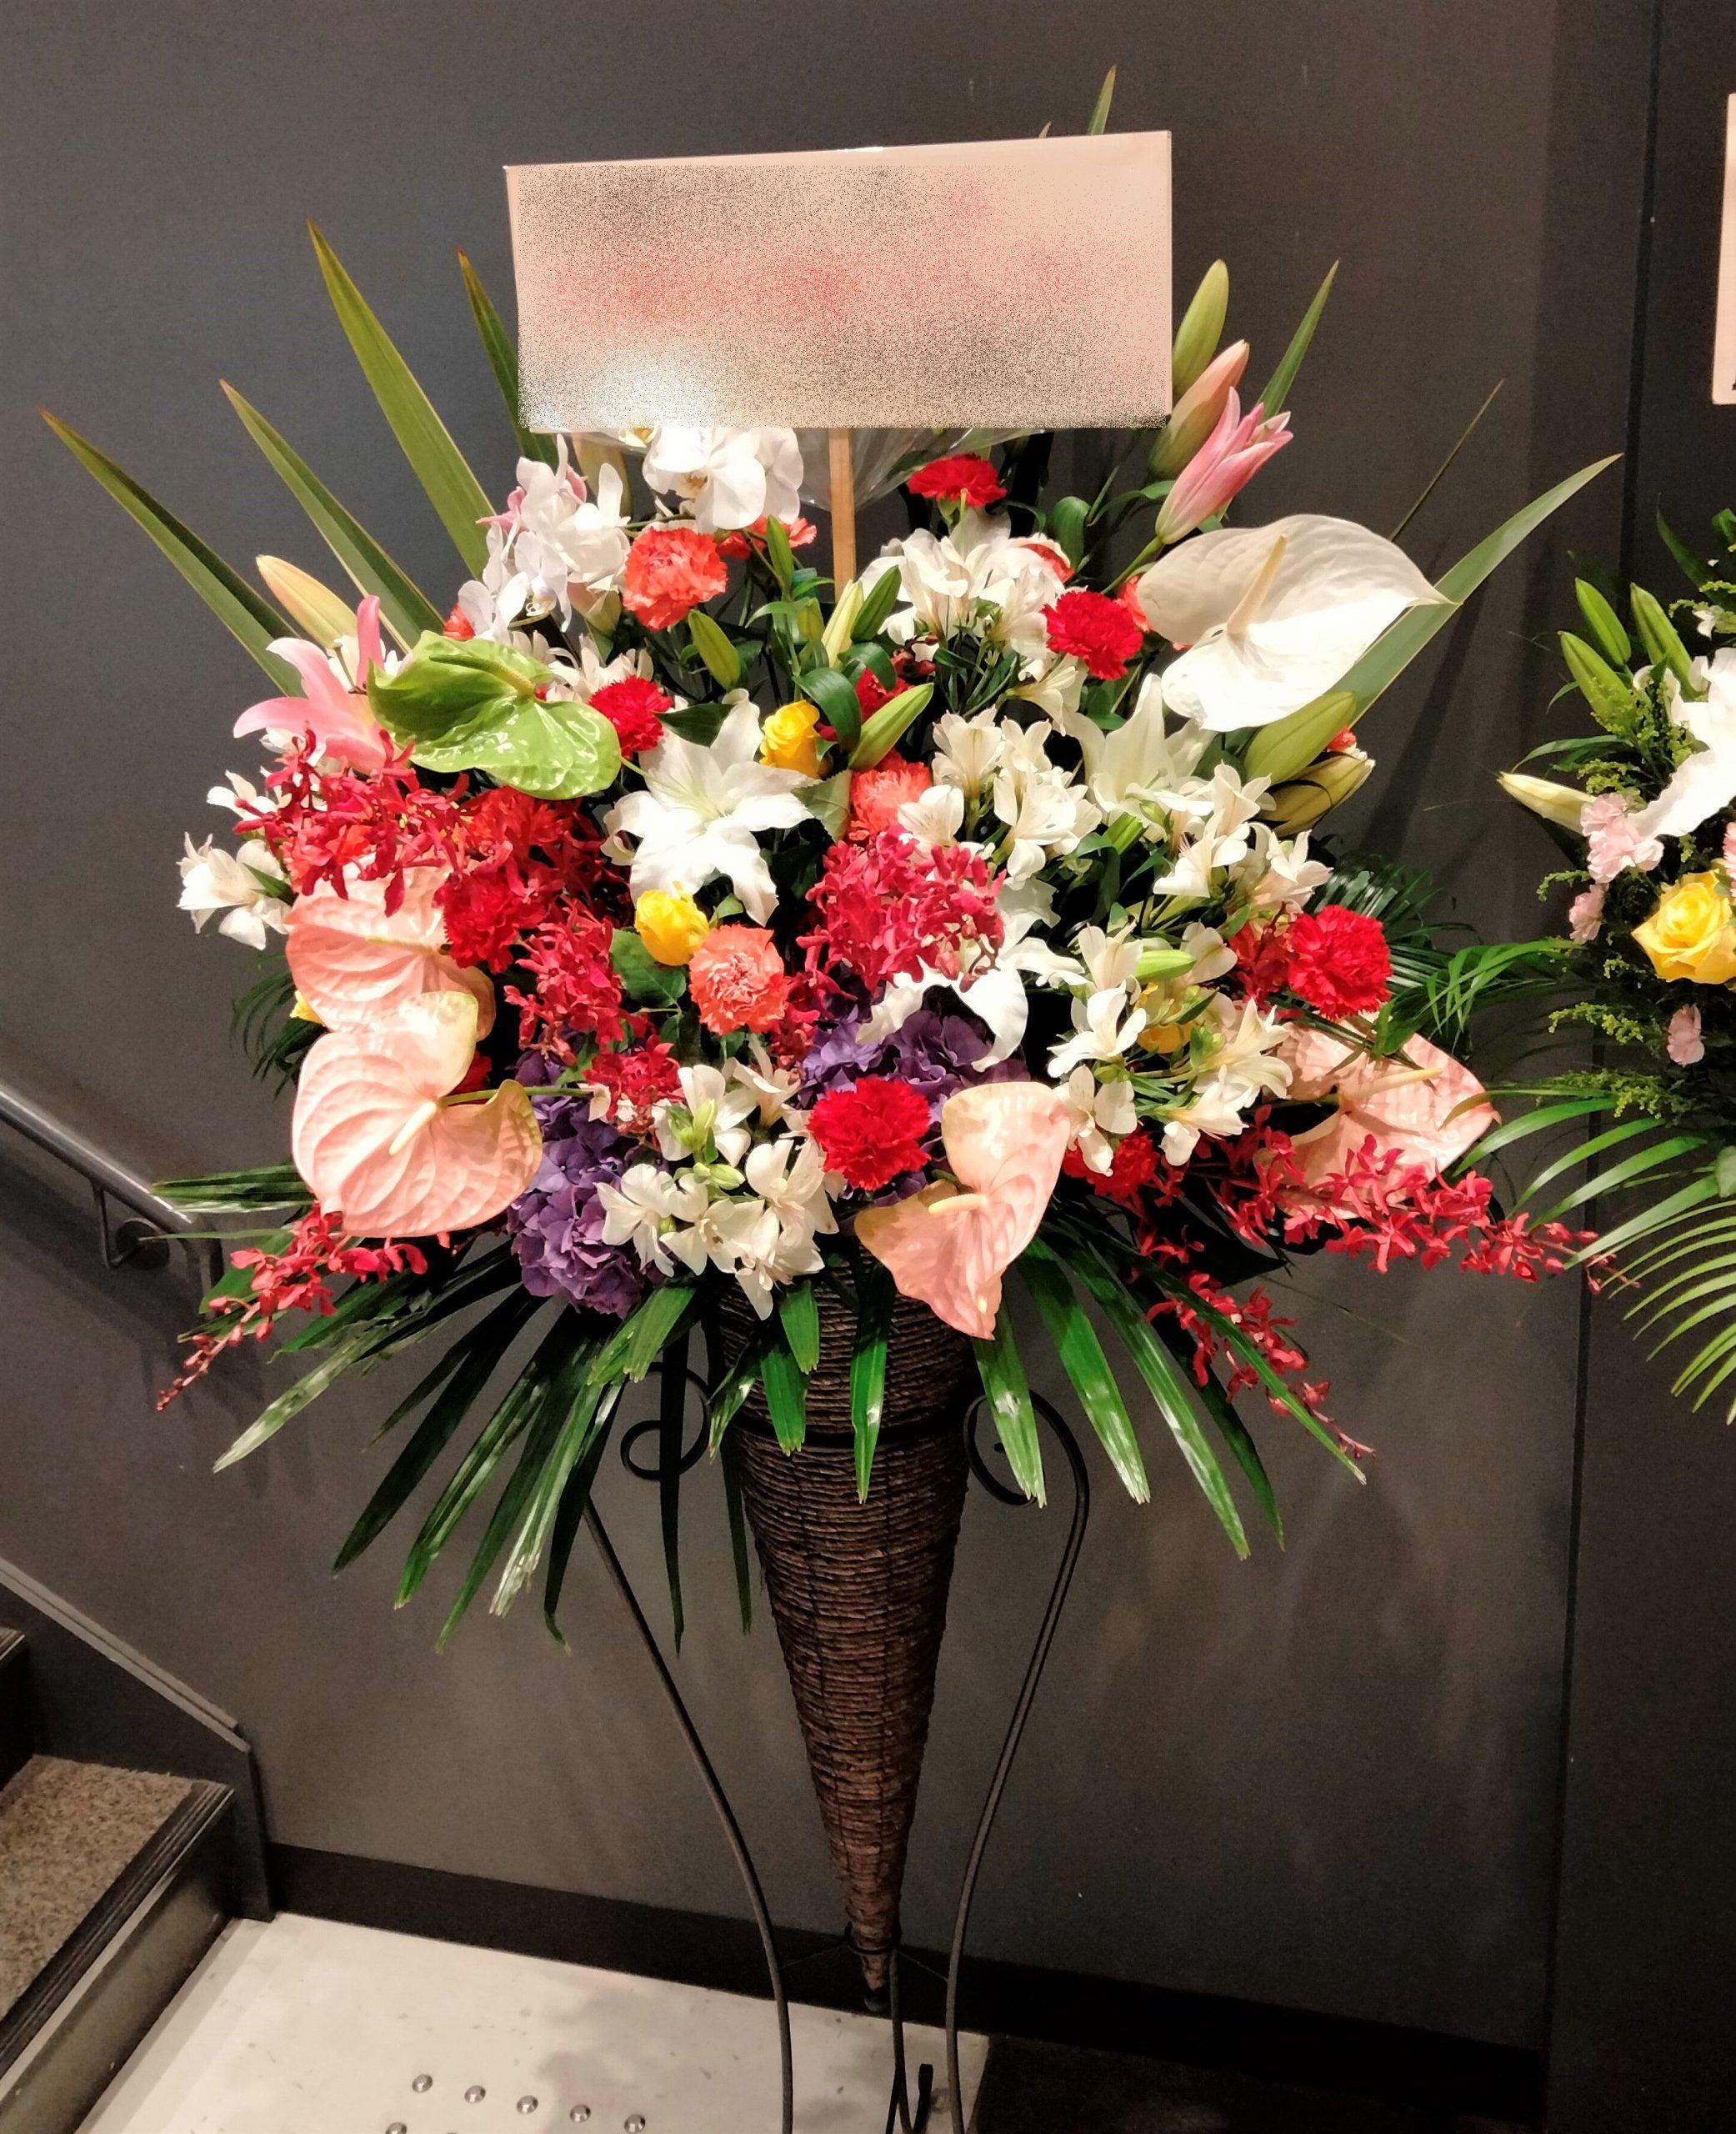 横浜市南幸にある1000CLUBへスタンド花を配達しました。【横浜花屋の花束・スタンド花・胡蝶蘭・バルーン・アレンジメント配達事例900】